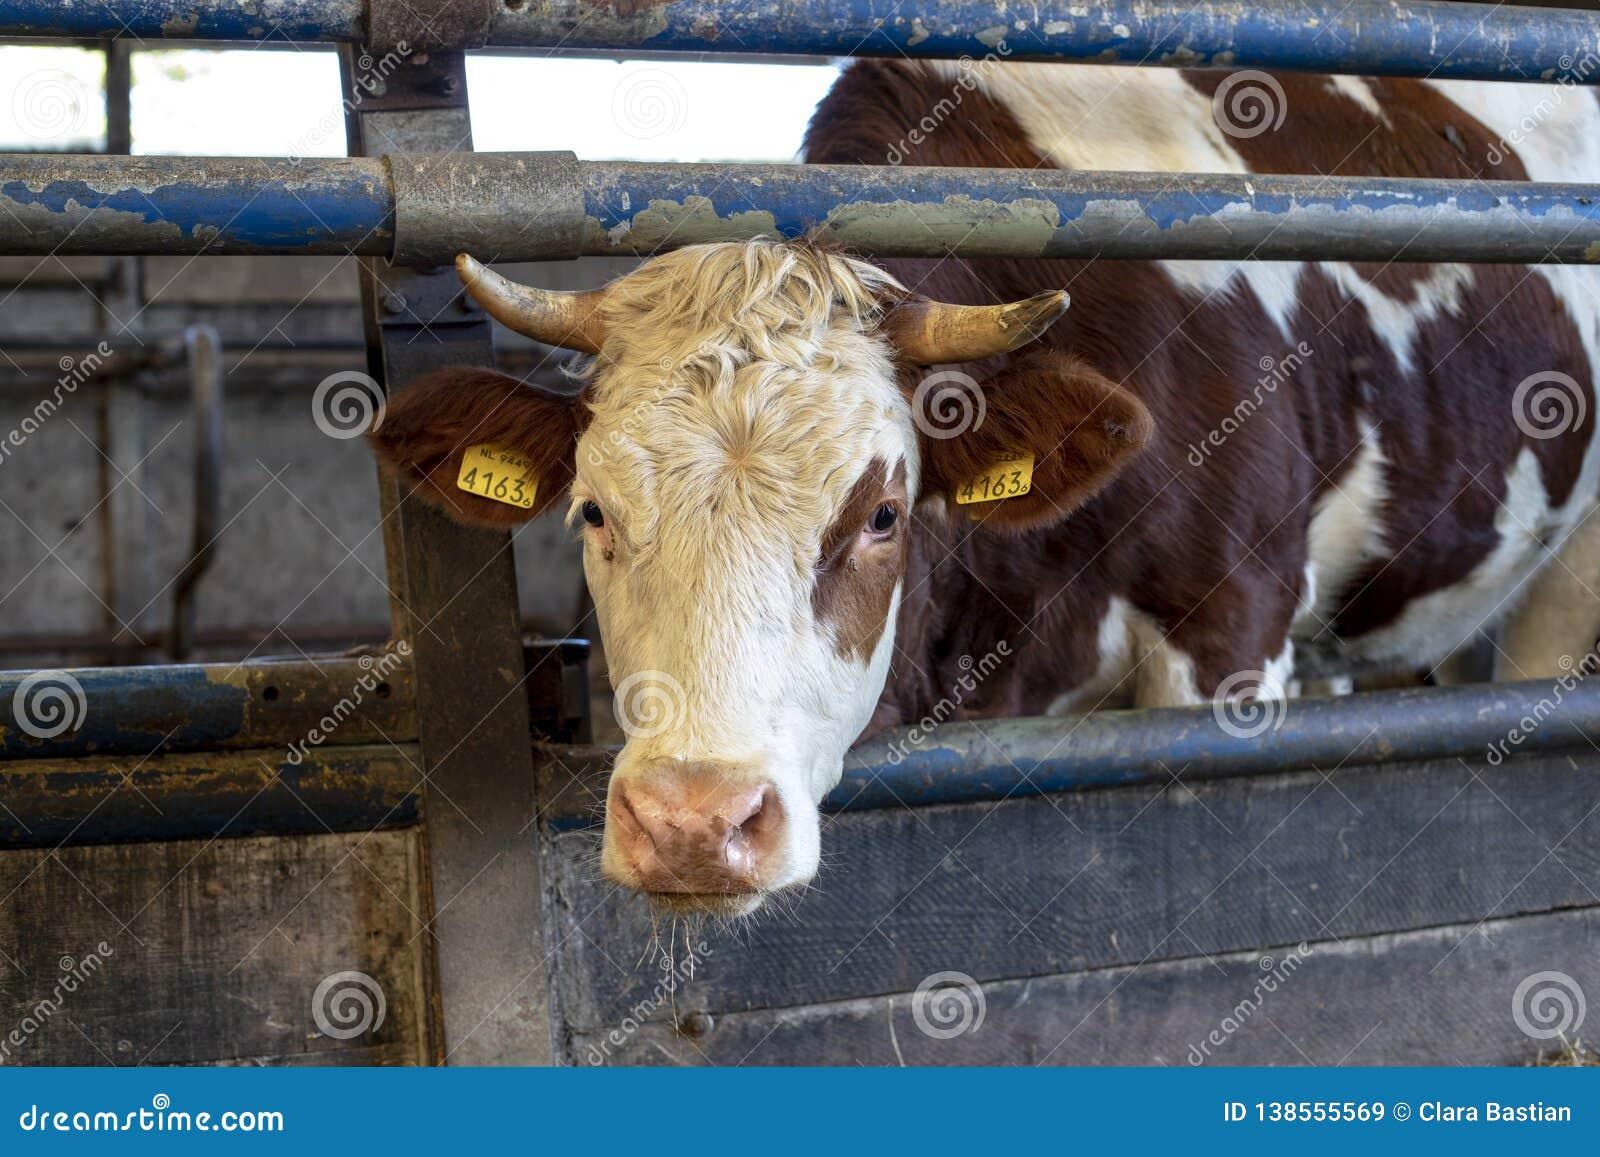 De zoete rode en witte koe met hoornen gluurt door bars van een omheining in een stal